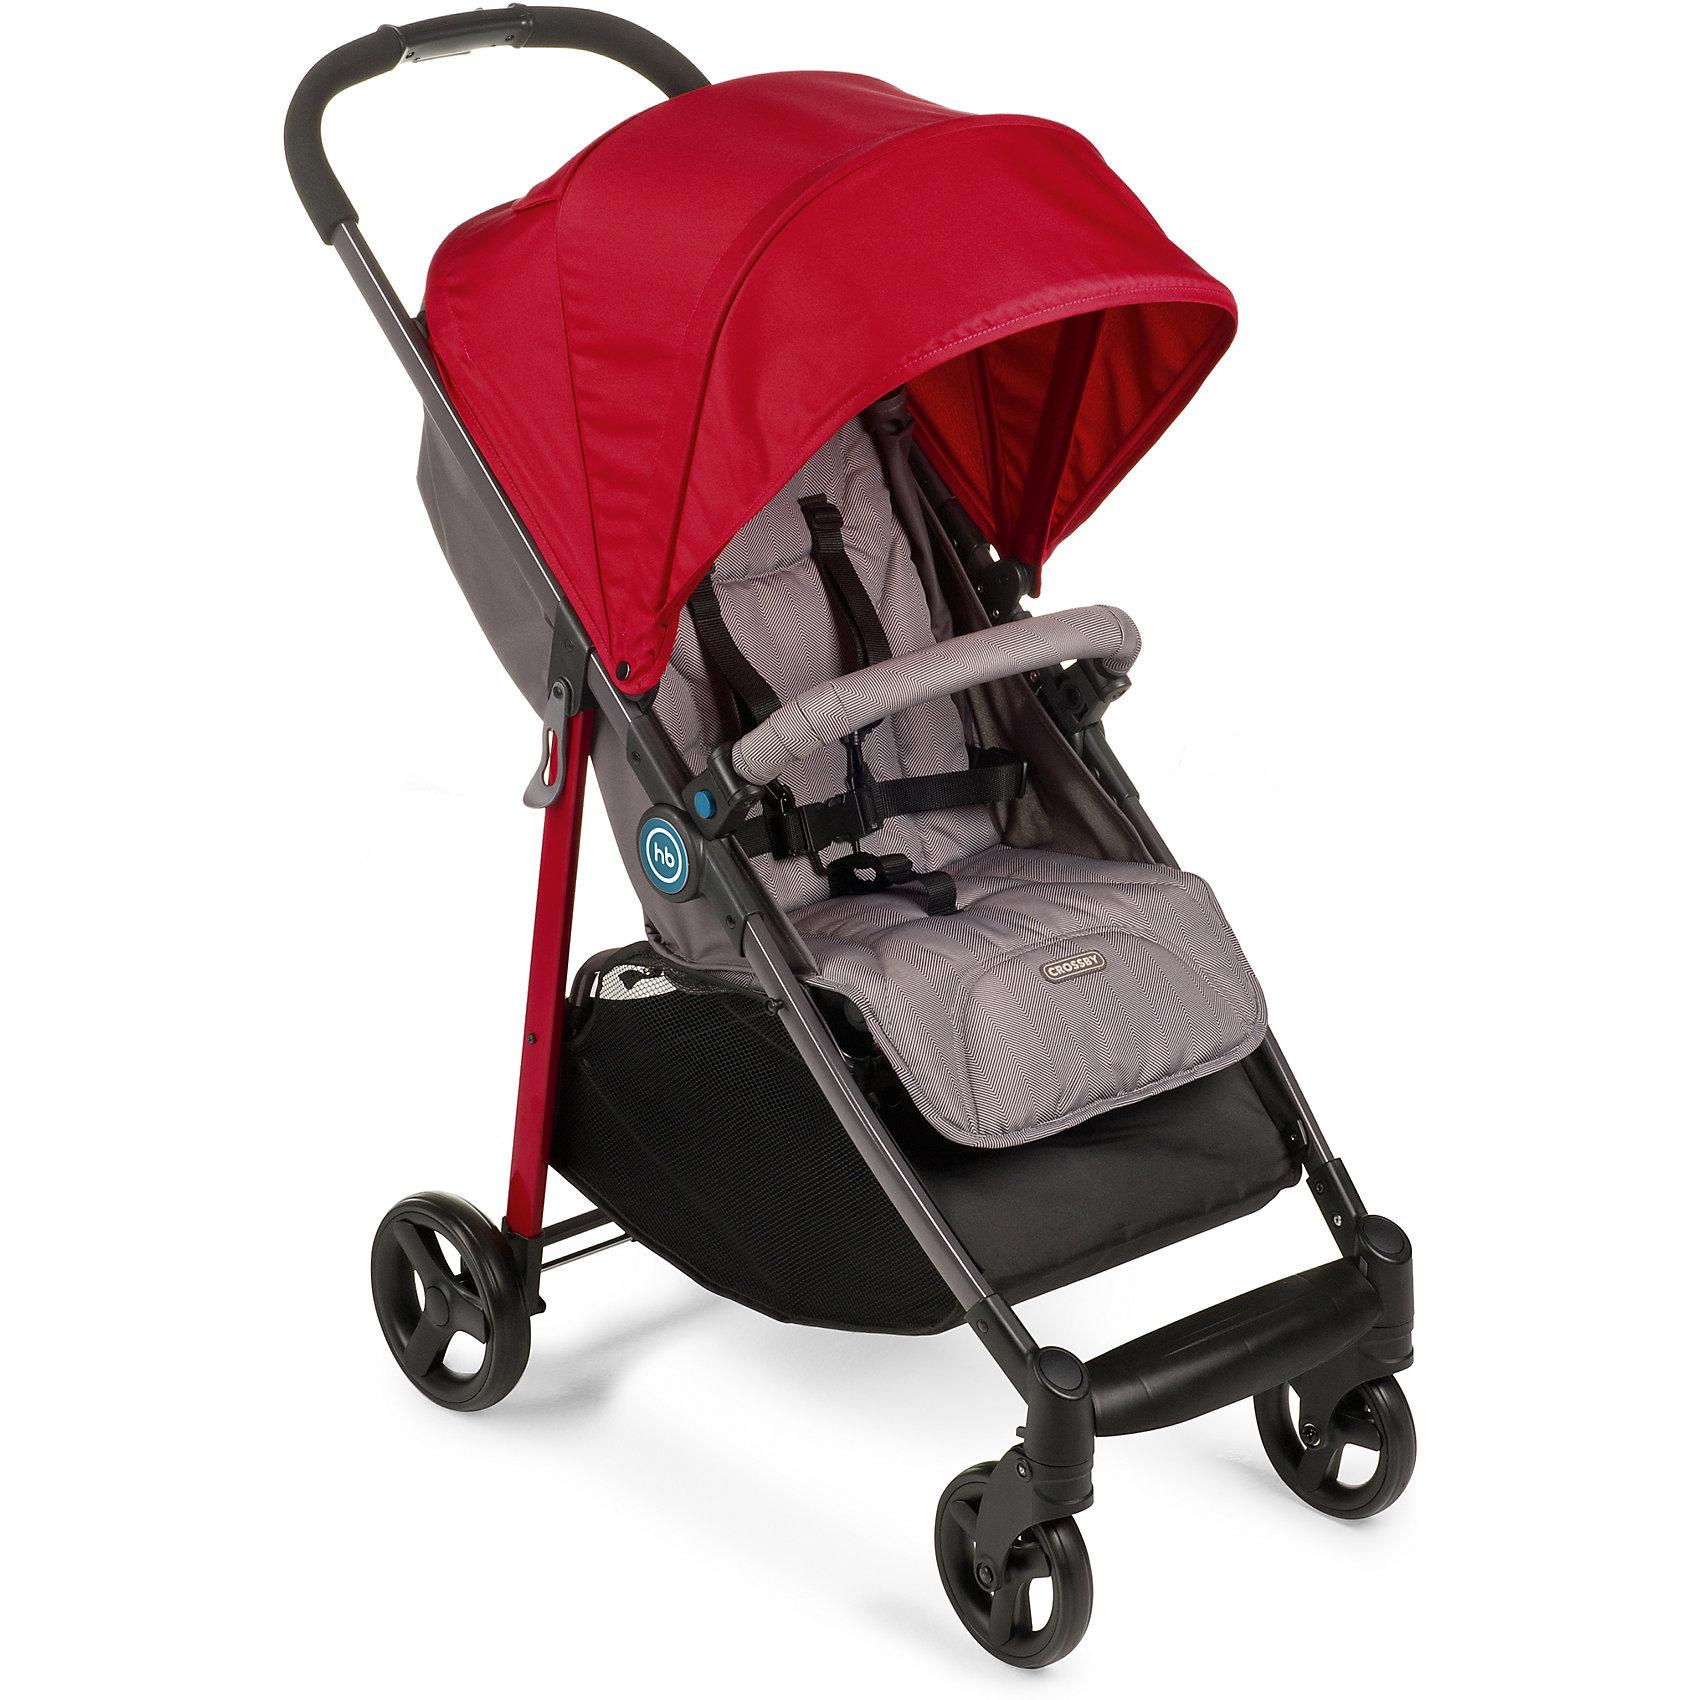 Прогулочная коляска Happy Baby Crossby, красныйПрогулочные коляски<br>Характеристики коляски<br><br>Прогулочный блок:<br><br>• регулируемый угол наклона спинки, 175 градусов;<br>• регулируемая подножка;<br>• 5-ти точечные ремни безопасности;<br>• бампер обтянут мягкой тканью, отводится в сторону;<br>• капюшон с солнцезащитным козырьком;<br>• капюшон оснащен смотровым клеенчатым окошком под клапаном на липучке;<br>• чехол на ножки защищает от ветра и непогоды;<br>• дождевик и москитная сетка защищают от осадков и насекомых;<br>• корзина для покупок вмещает до 3 кг;<br>• материал: пластик, полиэстер.<br><br>Рама коляски: <br><br>• плавающие передние колеса с ручной фиксацией;<br>• пружинные амортизаторы на передних и задних колесах;<br>• тип складывания: книжка;<br>• тип тормоза – ножной;<br>• коляска складывается одной рукой;<br>• материал рамы: алюминий, колеса - пластиковые.<br><br>Размеры:<br><br>• размер коляски: 96х51х104 см;<br>• размер в сложенном виде: 84х50,5х29 см;<br>• диаметр колес: 15 см, 18 см;<br>• ширина сиденья: 34 см;<br>• глубина сиденья: 23 см;<br>• размер корзины: 31х31х18 см;<br>• вес коляски: 7,7 кг;<br>• размер упаковки: 83х21х45,5 см;<br>• вес в упаковке: 10 кг. <br><br>Прогулочную коляску Crossby, Happy Baby, цвет красный можно купить в нашем интернет-магазине.<br><br>Ширина мм: 830<br>Глубина мм: 210<br>Высота мм: 445<br>Вес г: 10050<br>Возраст от месяцев: 7<br>Возраст до месяцев: 36<br>Пол: Унисекс<br>Возраст: Детский<br>SKU: 5620085